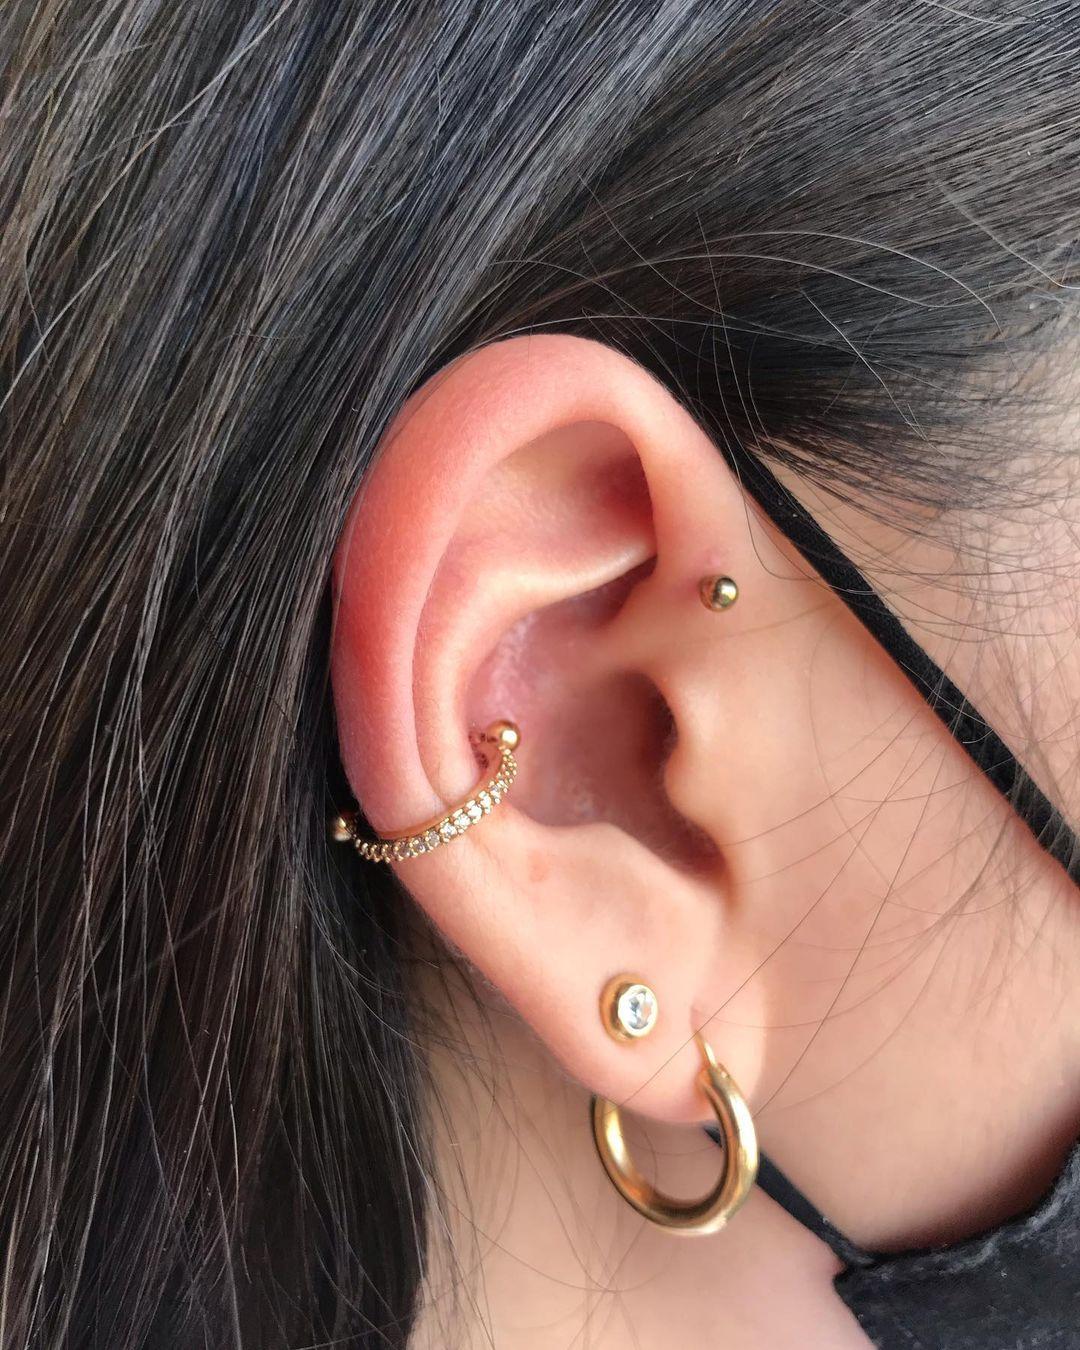 1614906211 229 15 inspiraciones de perforacion de labret y consejos para perforar - 30 fotos de piercing en orejas para querer el tuyo hoy